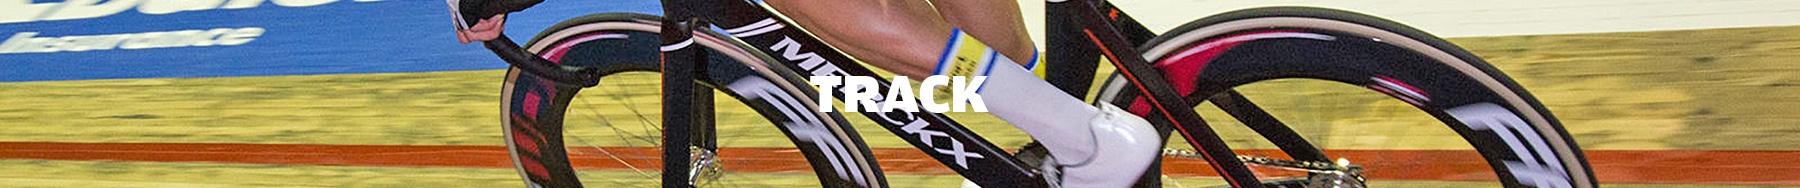 FFWD Wheels Carbon Tubular Track Cycling Wheels